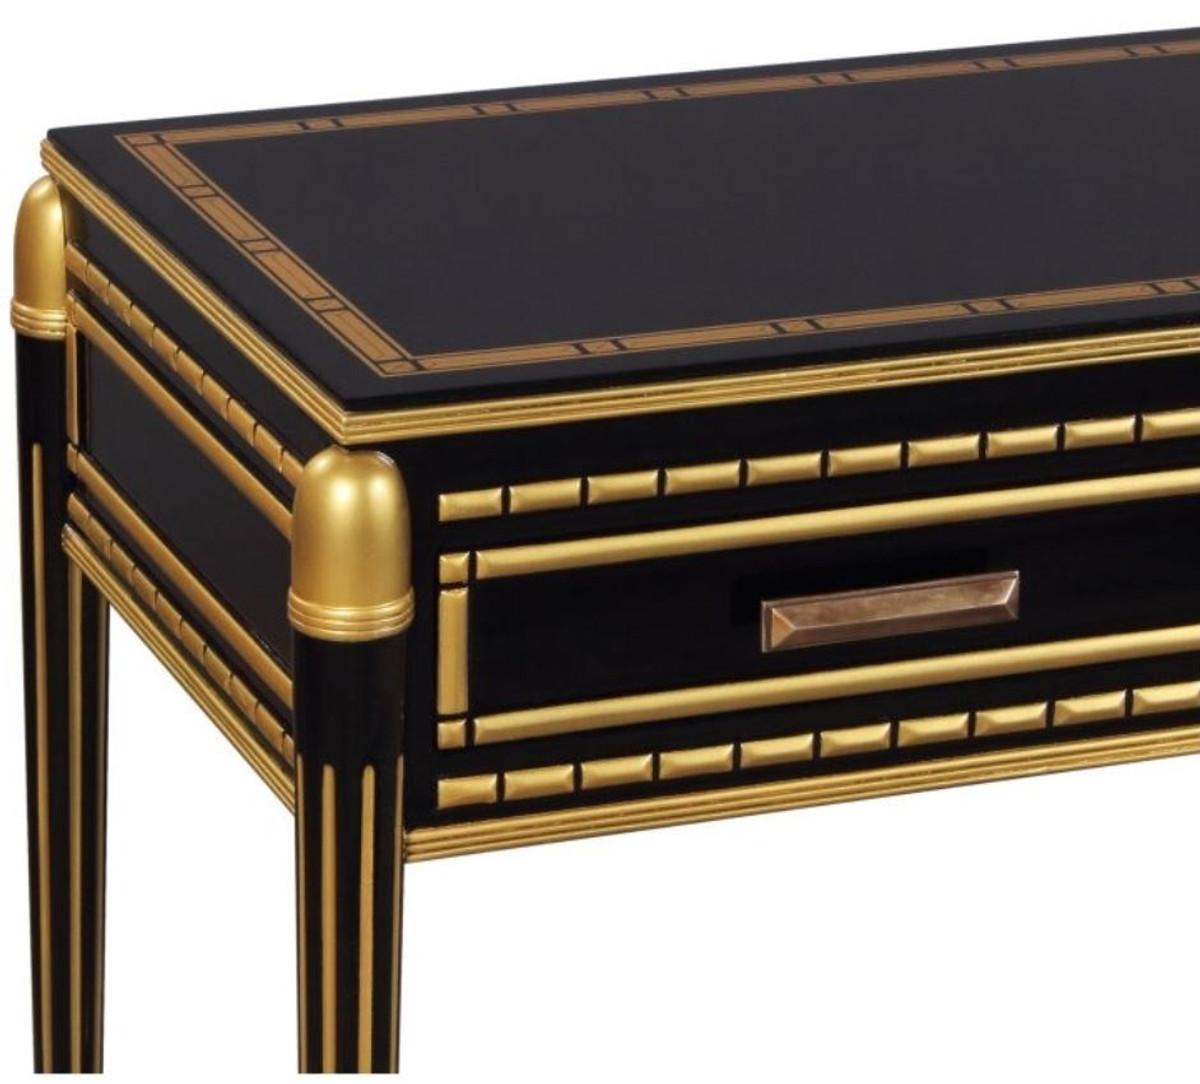 casa padrino luxus wohnzimmer konsolentisch schwarz gold